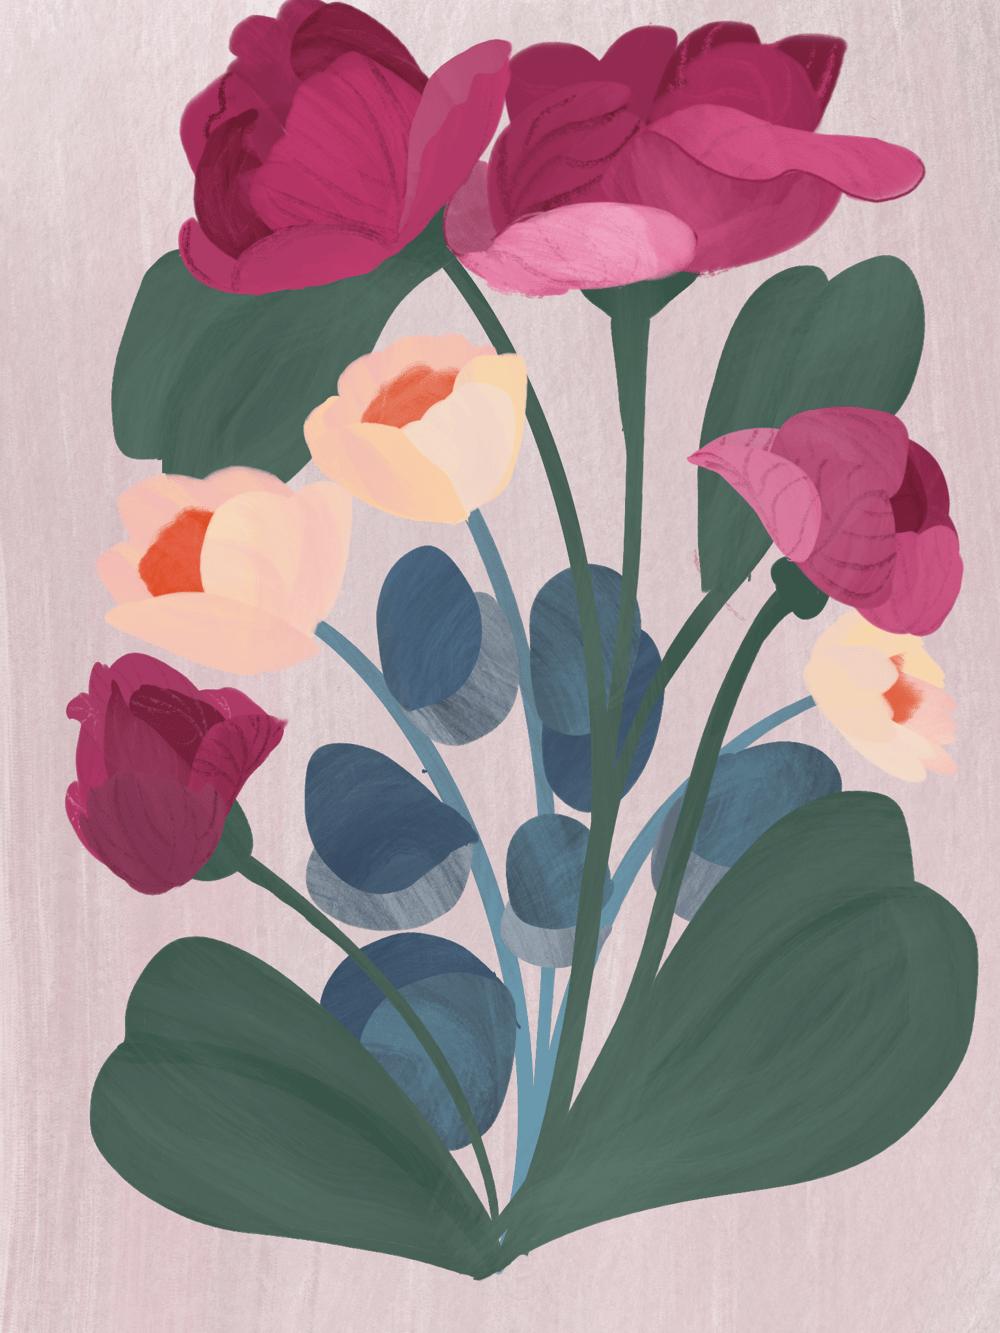 modern gouache florals bouquet - image 1 - student project